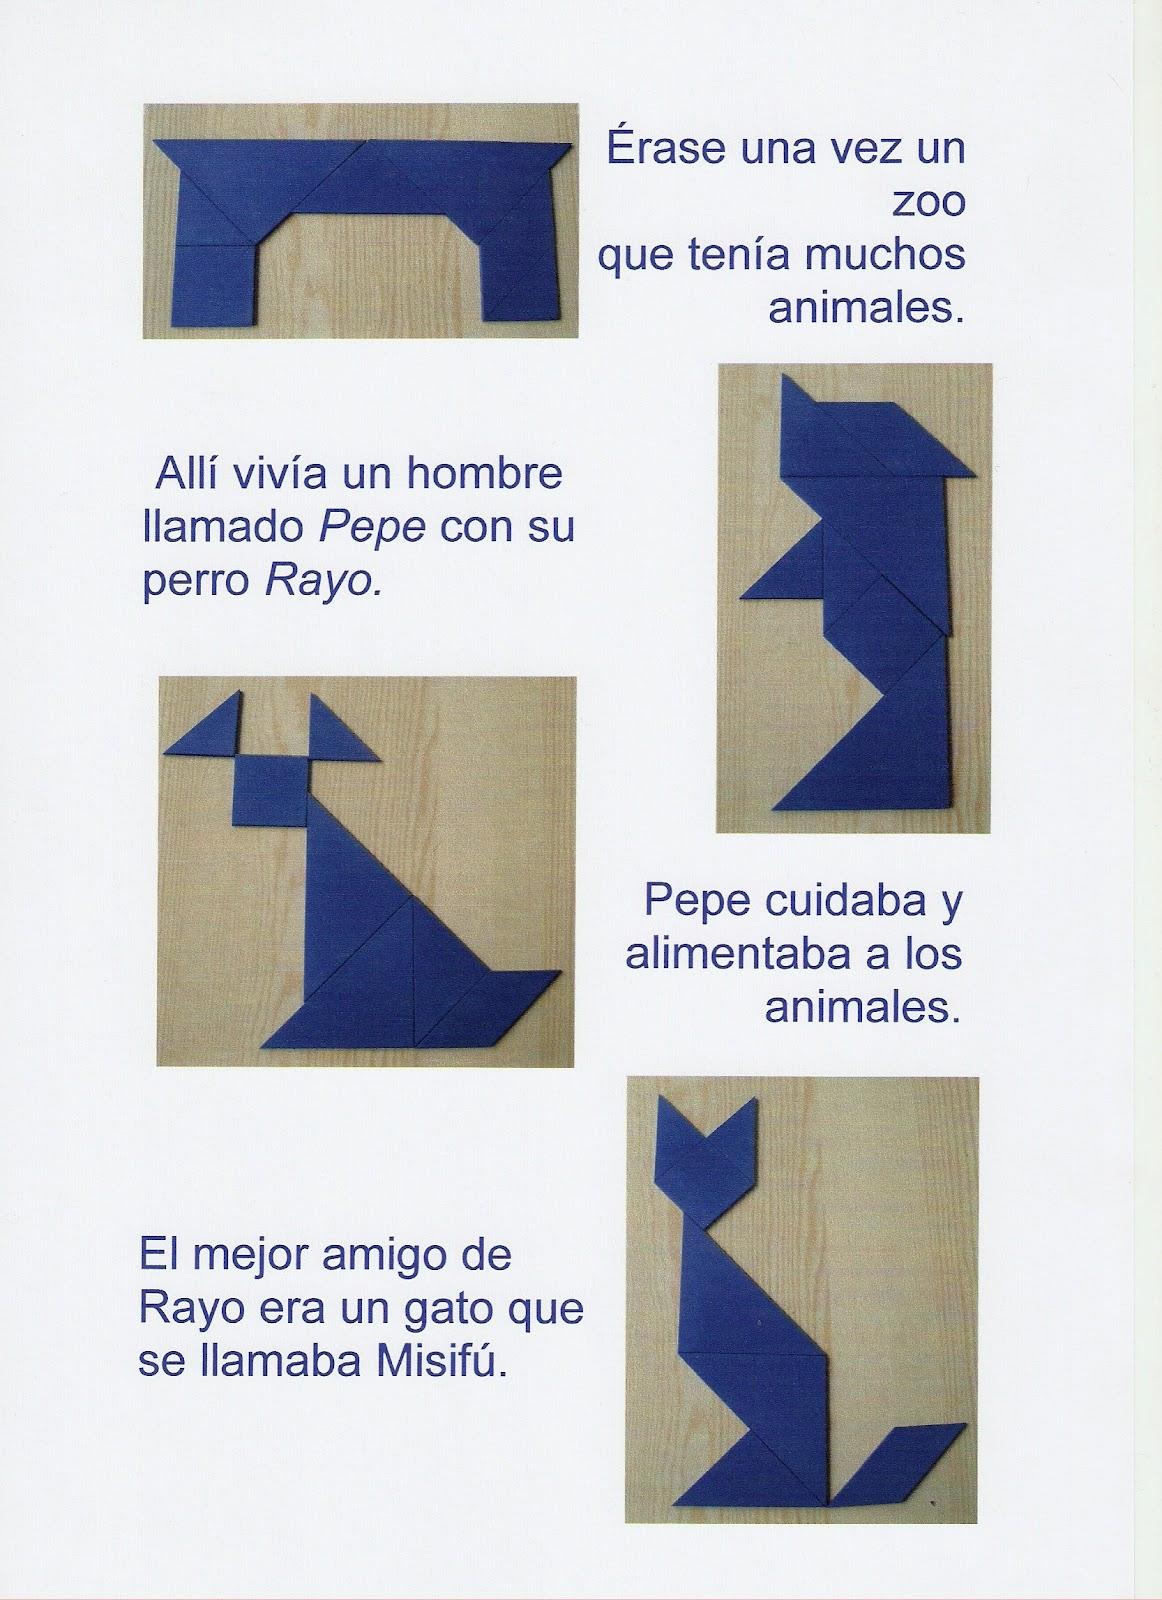 huesca es un cuento: